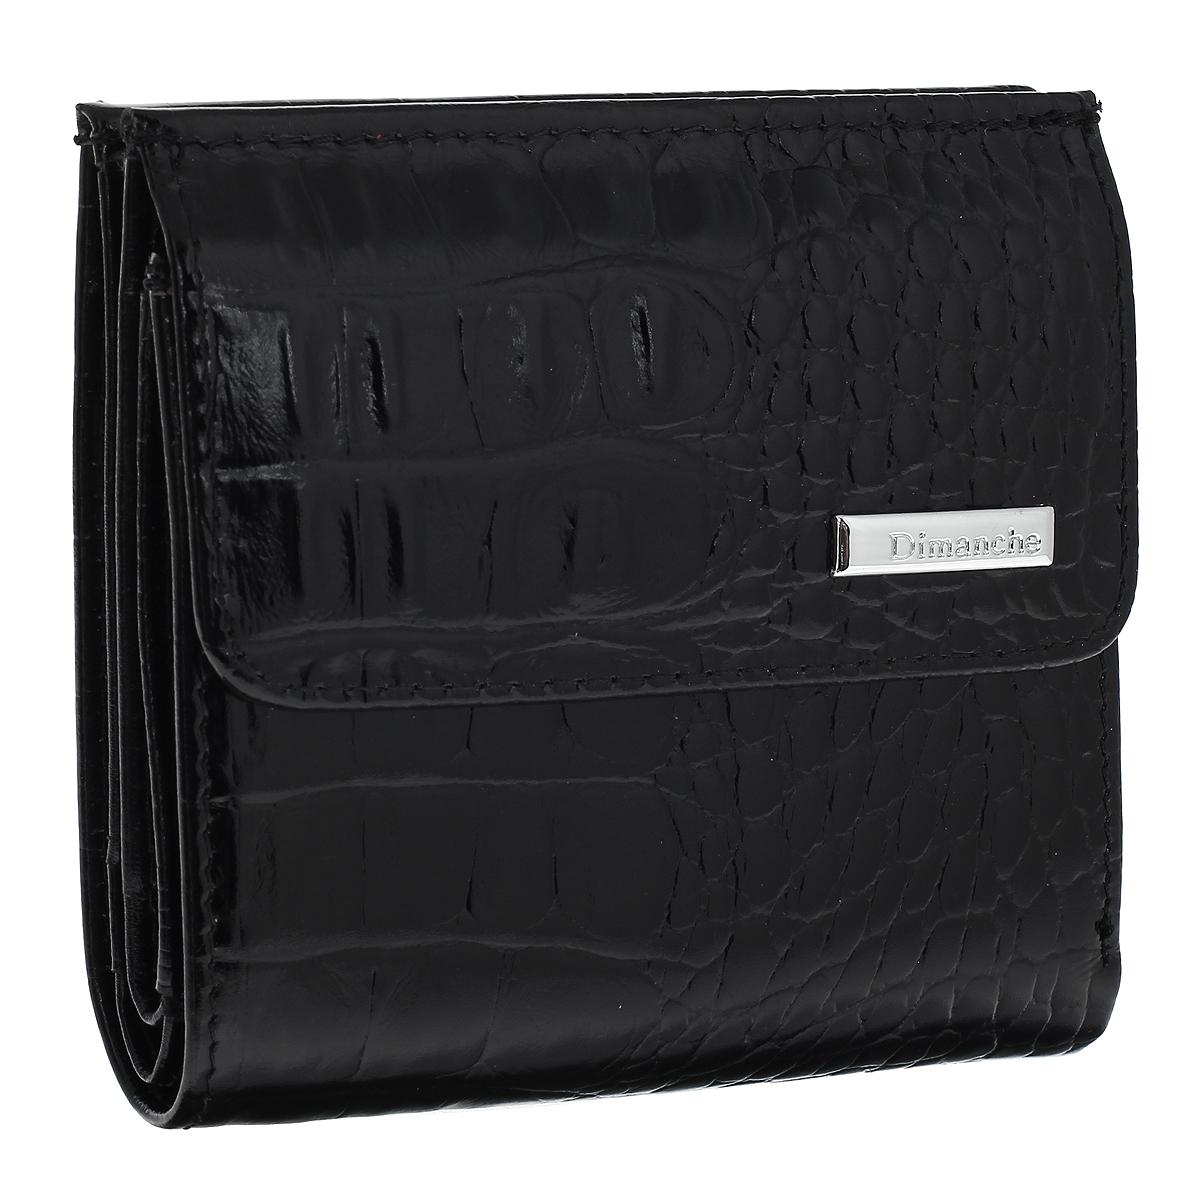 Кошелек женский Dimanche Loricata, цвет: черный. 426BM8434-58AEКошелек Dimanche Loricata изготовлен из натуральной кожи черного цвета с декоративным тиснением под рептилию. Закрывается на магнитную кнопку. На передней стенке расположен объемный карман для мелочи, закрывающийся на кнопку. Внутри кошелька содержится 2 отделения для купюр, дополнительный карман на молнии, 2 прорезных кармана для пластиковых карт, кармашек для сим-карты, 2 потайных вертикальных кармашка для мелких бумаг и окошко для фотографии. Внутри кошелек отделан атласным полиэстером черного цвета с узором. Фурнитура - серебристого цвета.Стильный кошелек отлично дополнит ваш образ и станет незаменимым аксессуаром на каждый день. Упакован в фирменную картонную коробку коричневого цвета.Характеристики: Материал: натуральная кожа, полиэстер, металл. Цвет: черный. Размер кошелька (ДхШхВ): 10 см х 10,5 см х 2,5 см.